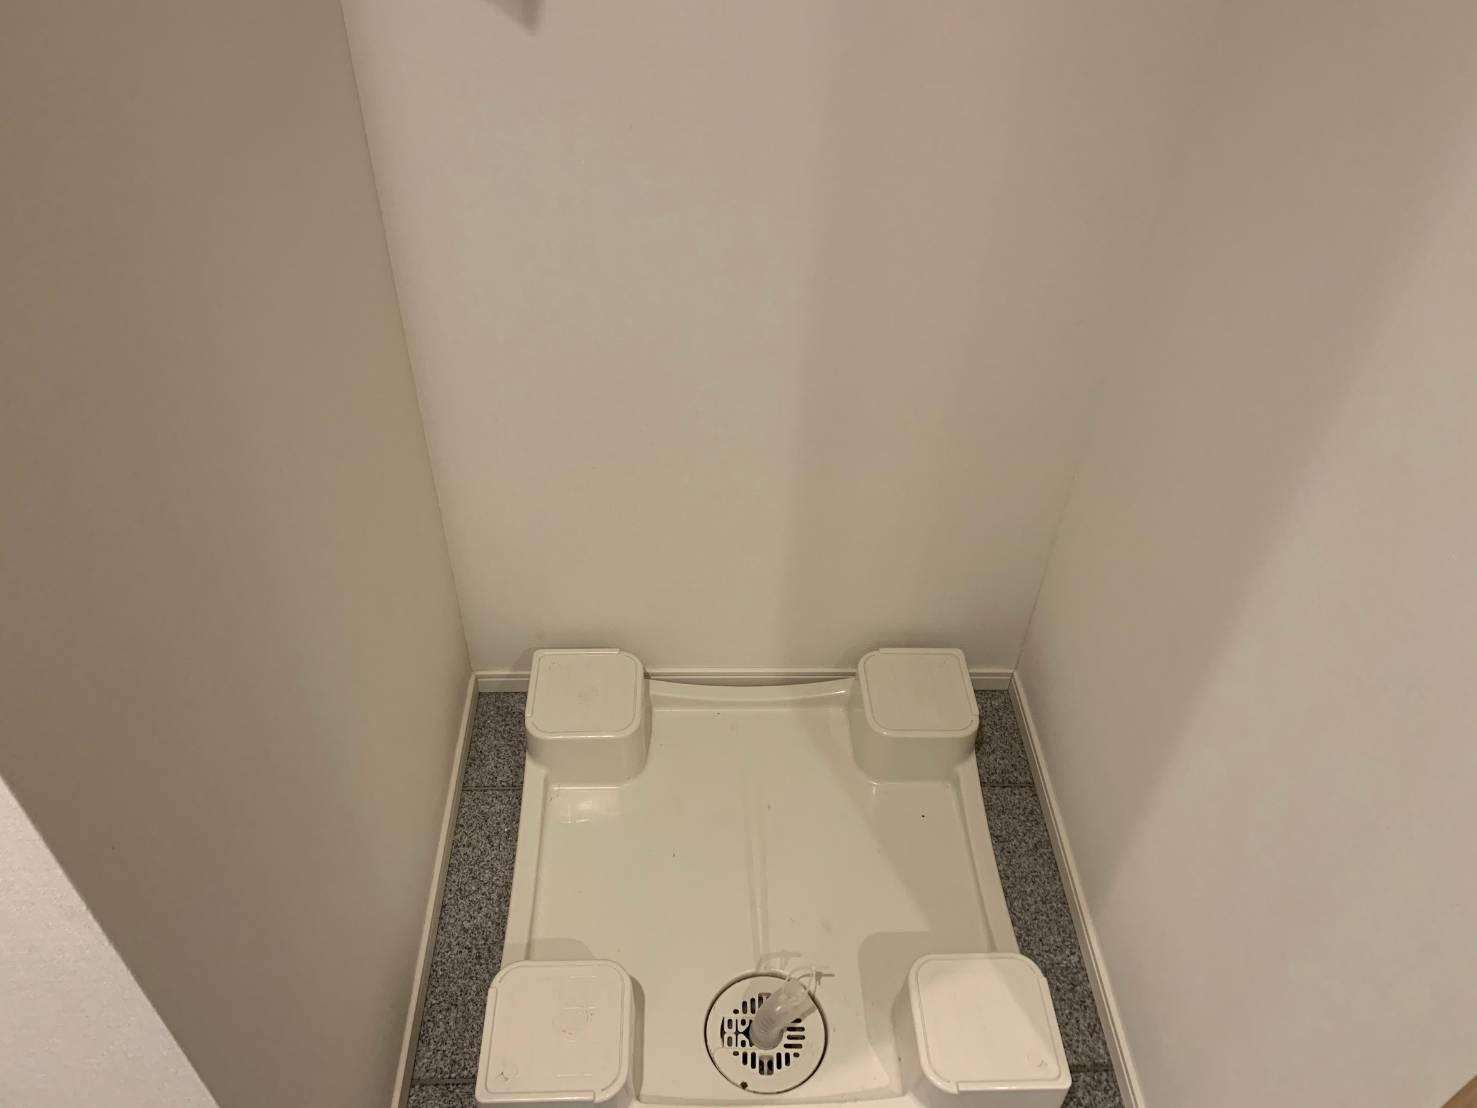 神奈川県川崎市の洗濯機の回収後